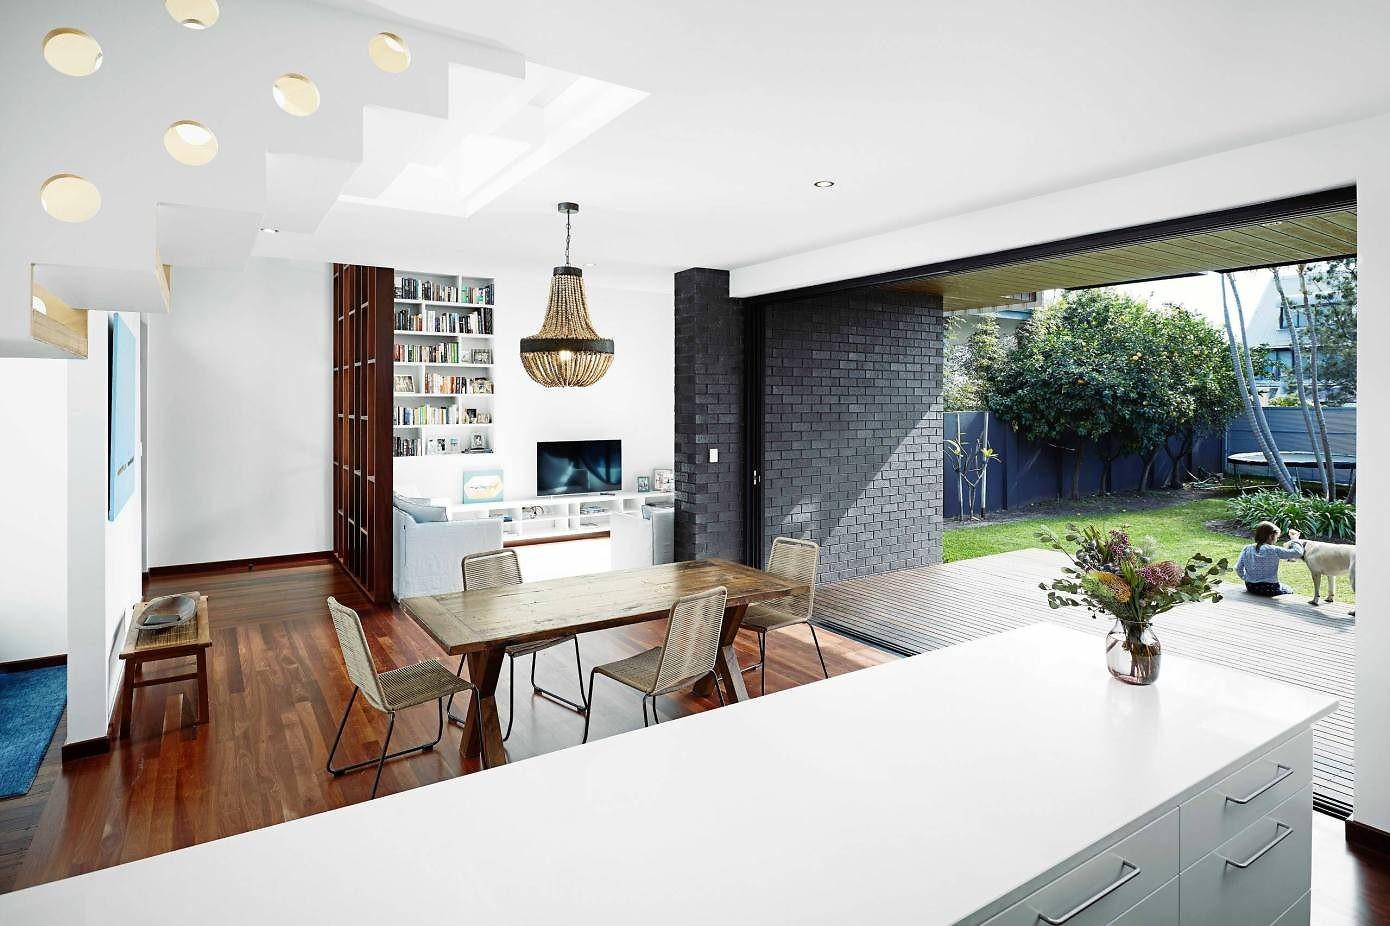 Hawkstone St House by steelehouse